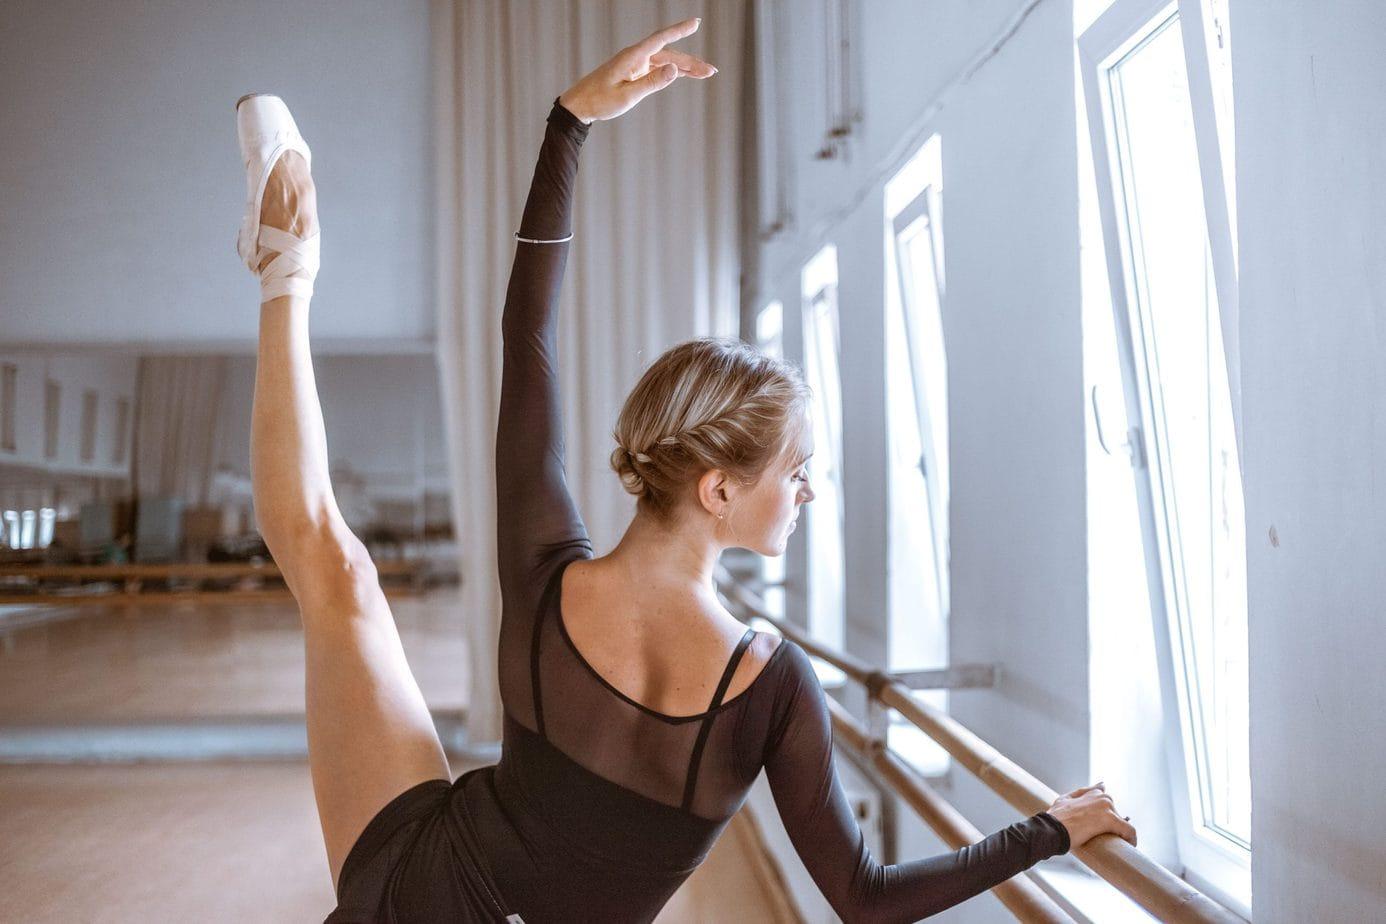 Balet dla dorosłych – jak to wygląda w praktyce?